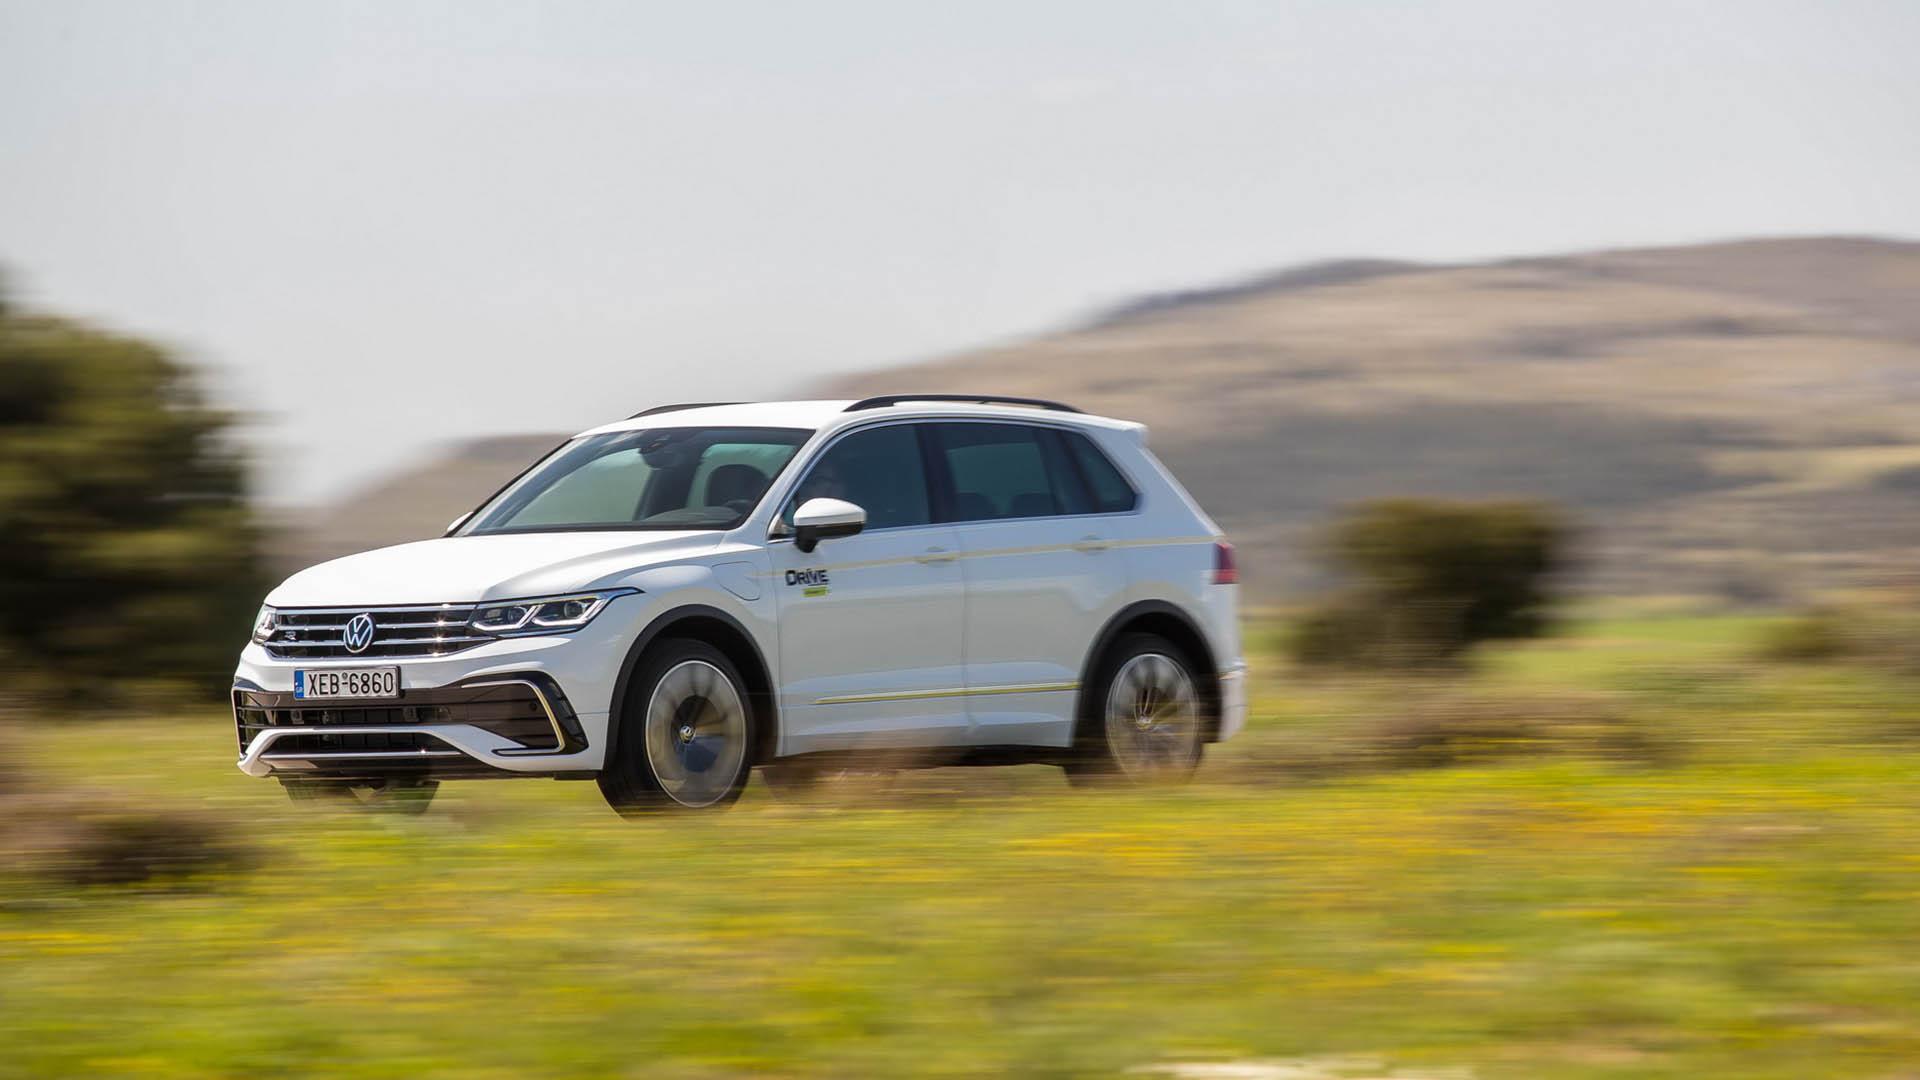 Δοκιμάζουμε το νέο VW Tiguan που μπαίνει στην πρίζα και καίει ελάχιστη βενζίνη! (pics)